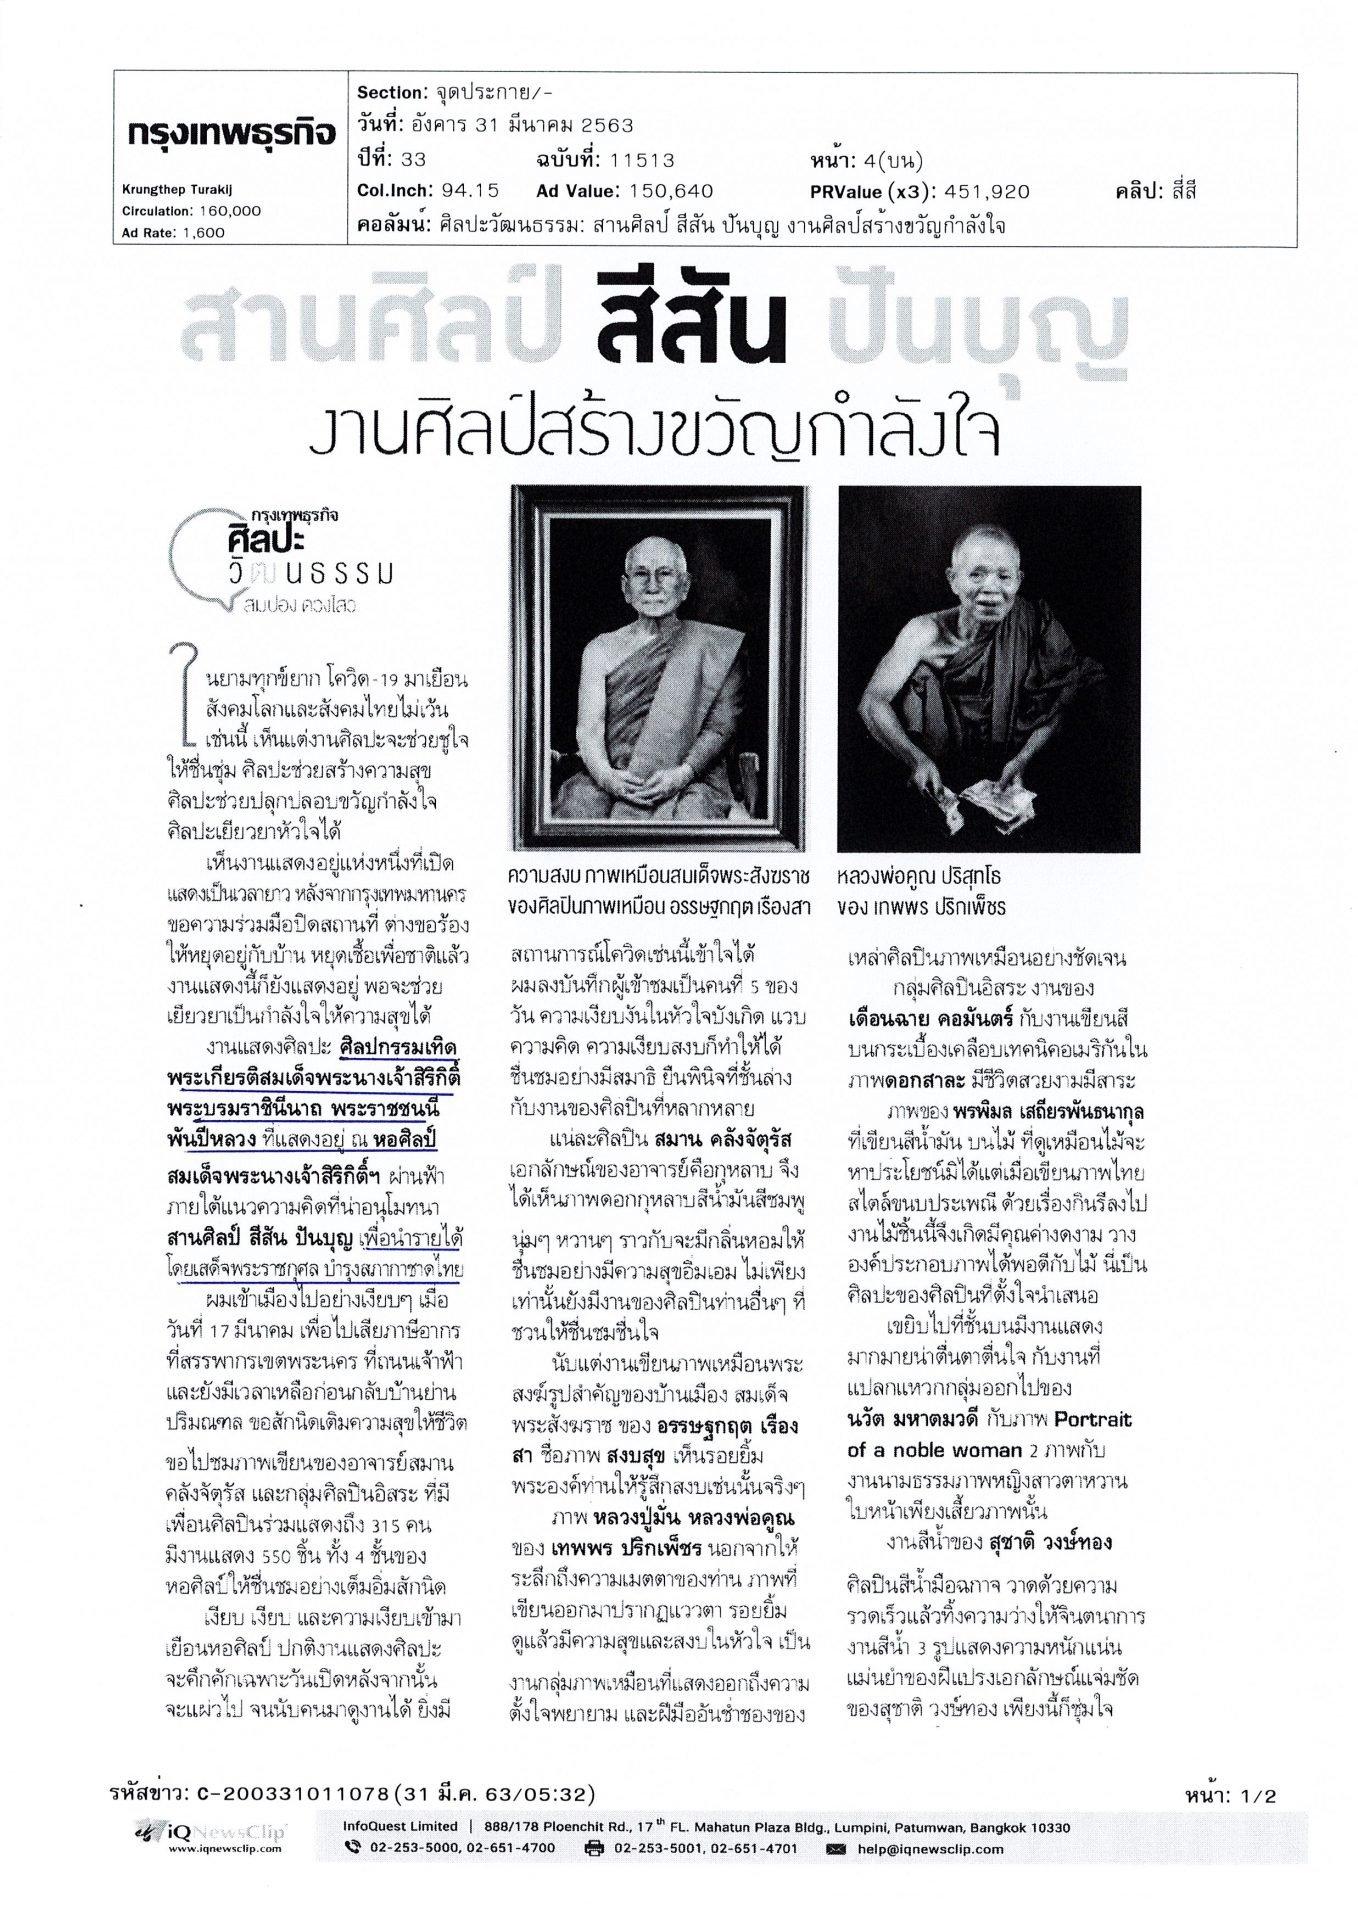 งานศิลป์สร้างขวัญกำลังใจ เพื่อนำรายได้โดยเสด็จพระราชกุศล บำรุงสภากาชาดไทย